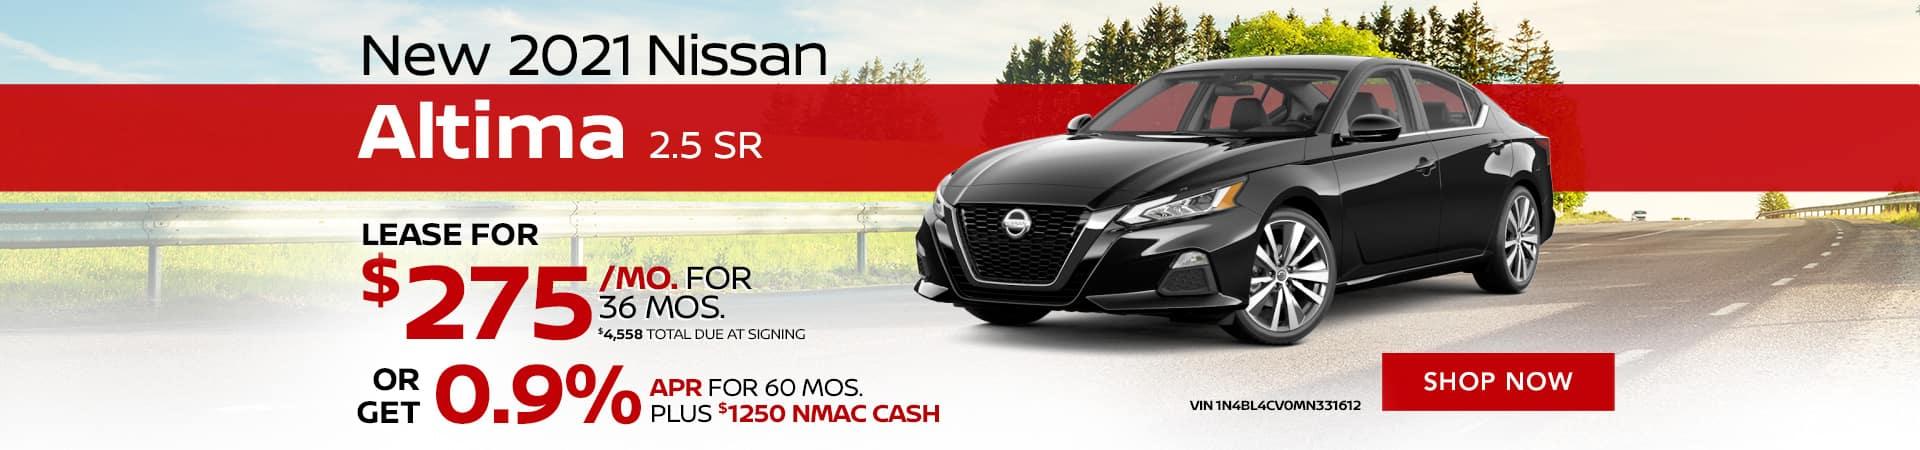 JRN_1920x450_New 2021 Nissan Altima 2.5 SR __06'21